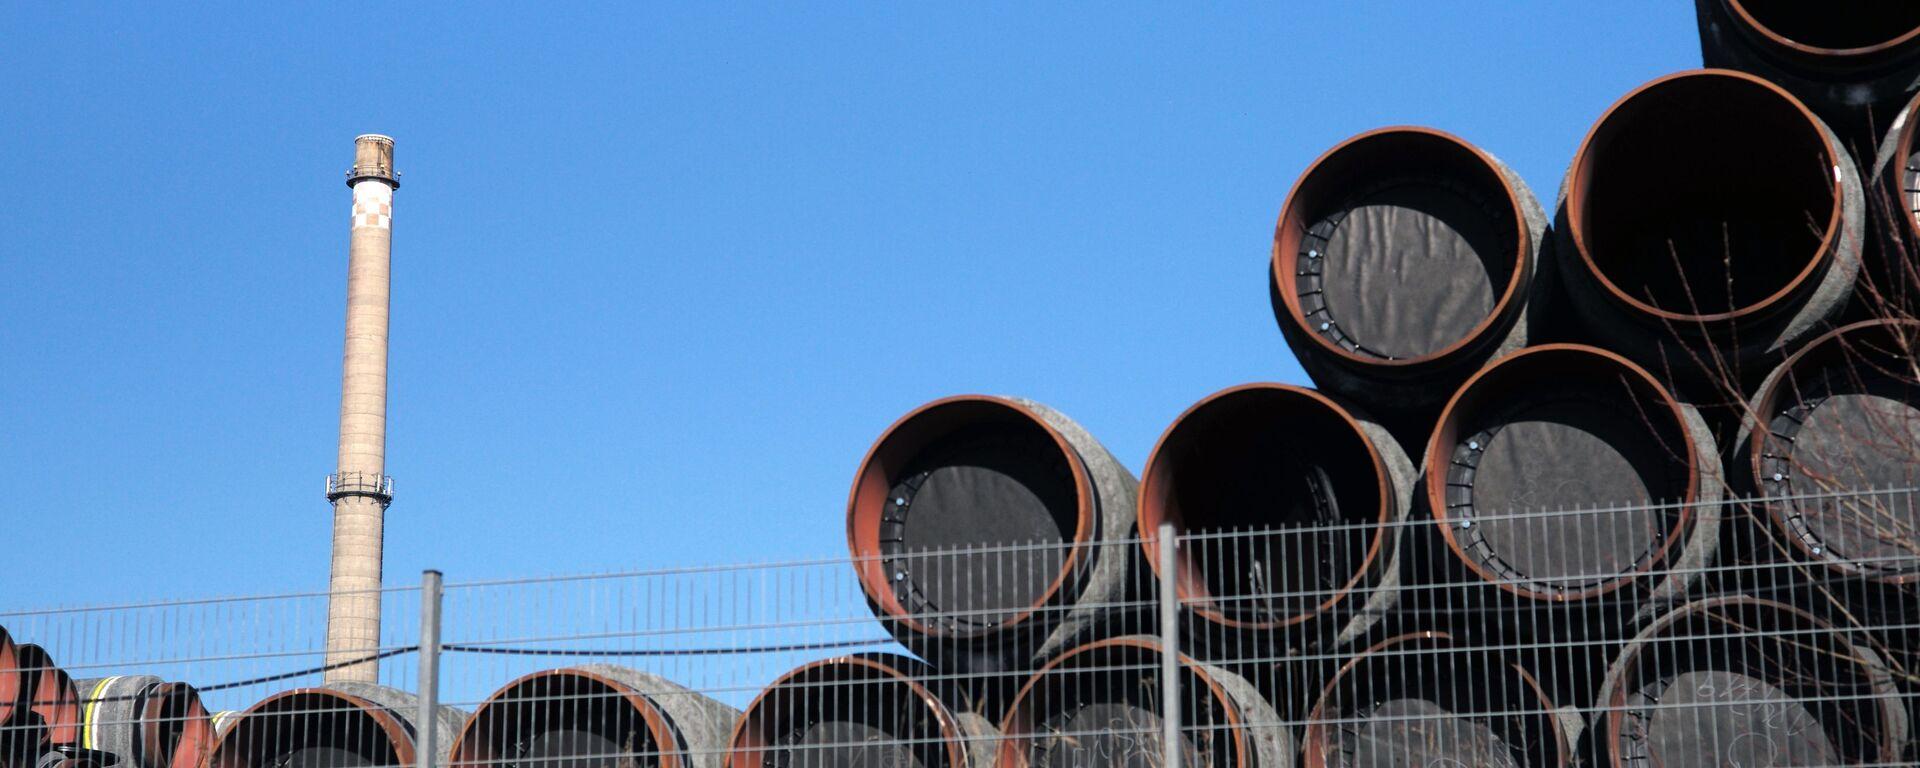 Magazyn rur do budowy gazociągu Nord Stream 2 w porcie Sassnitz w Niemczech - Sputnik Polska, 1920, 09.03.2021